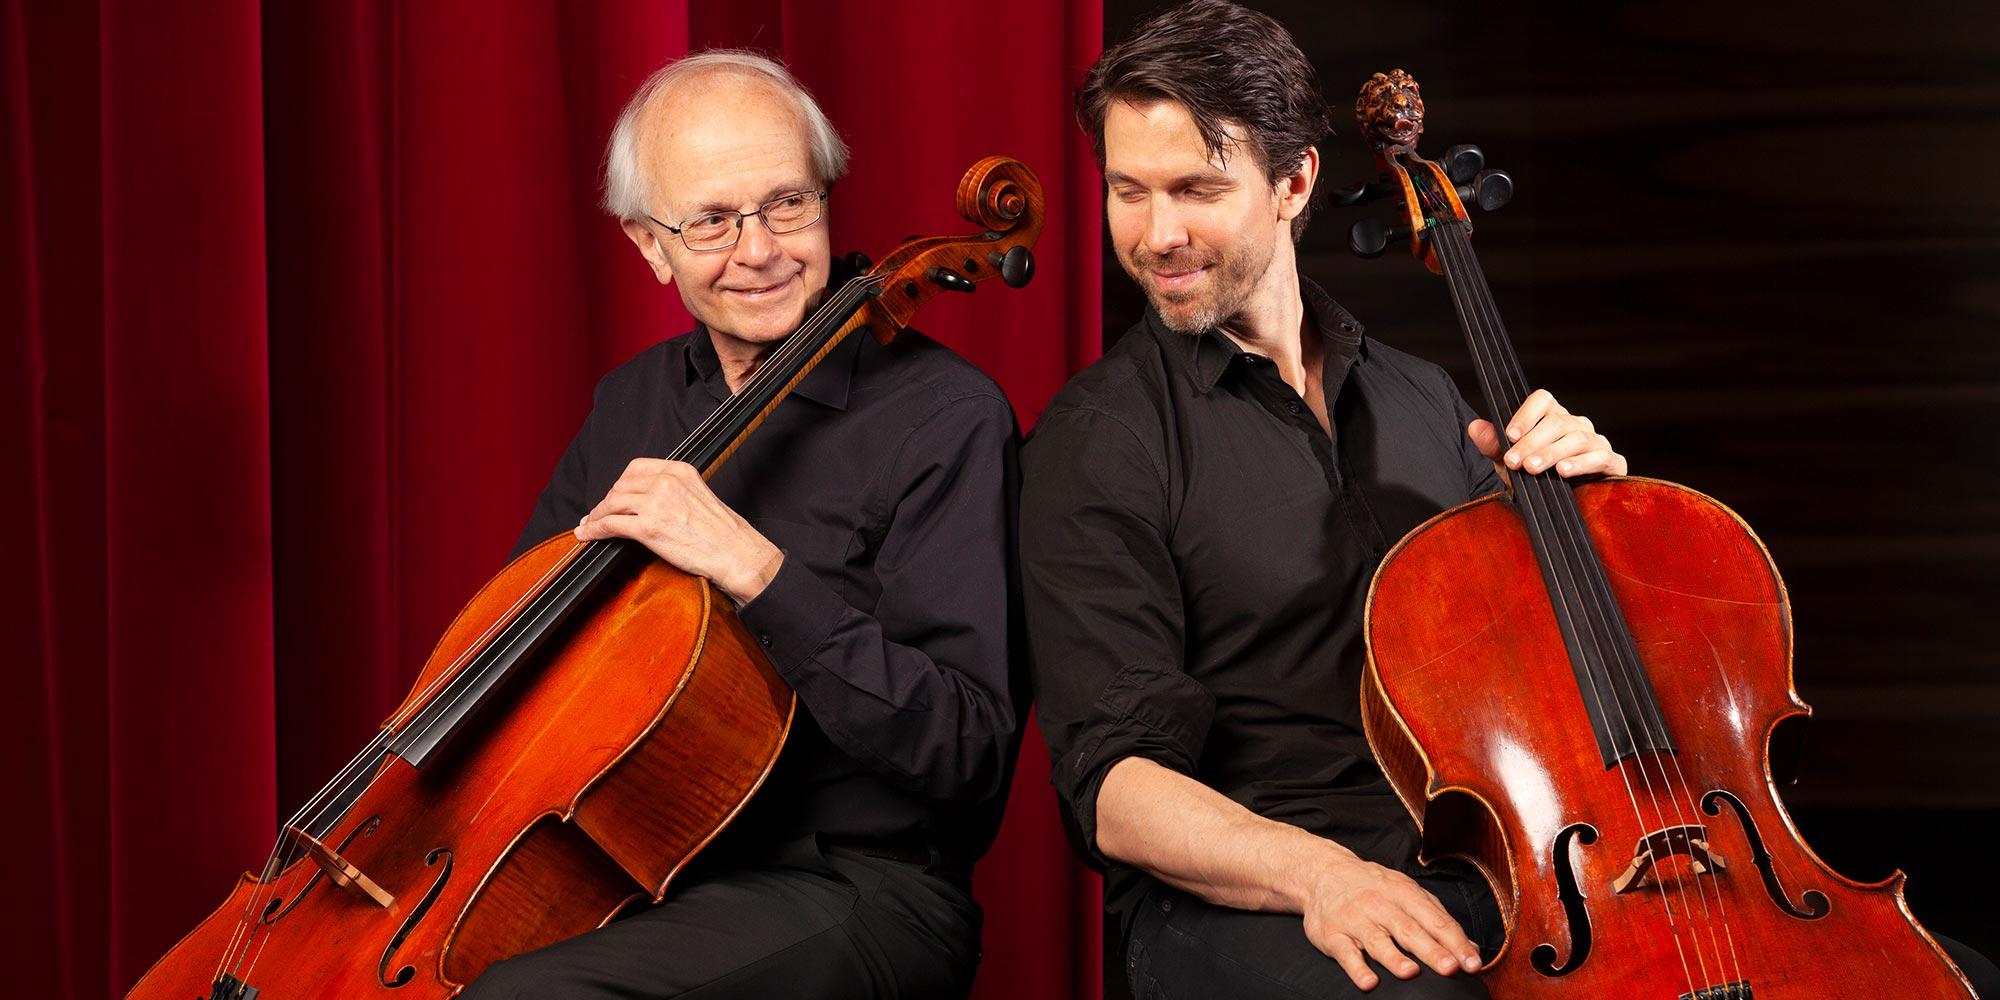 Franz und Matthias Bartolomey